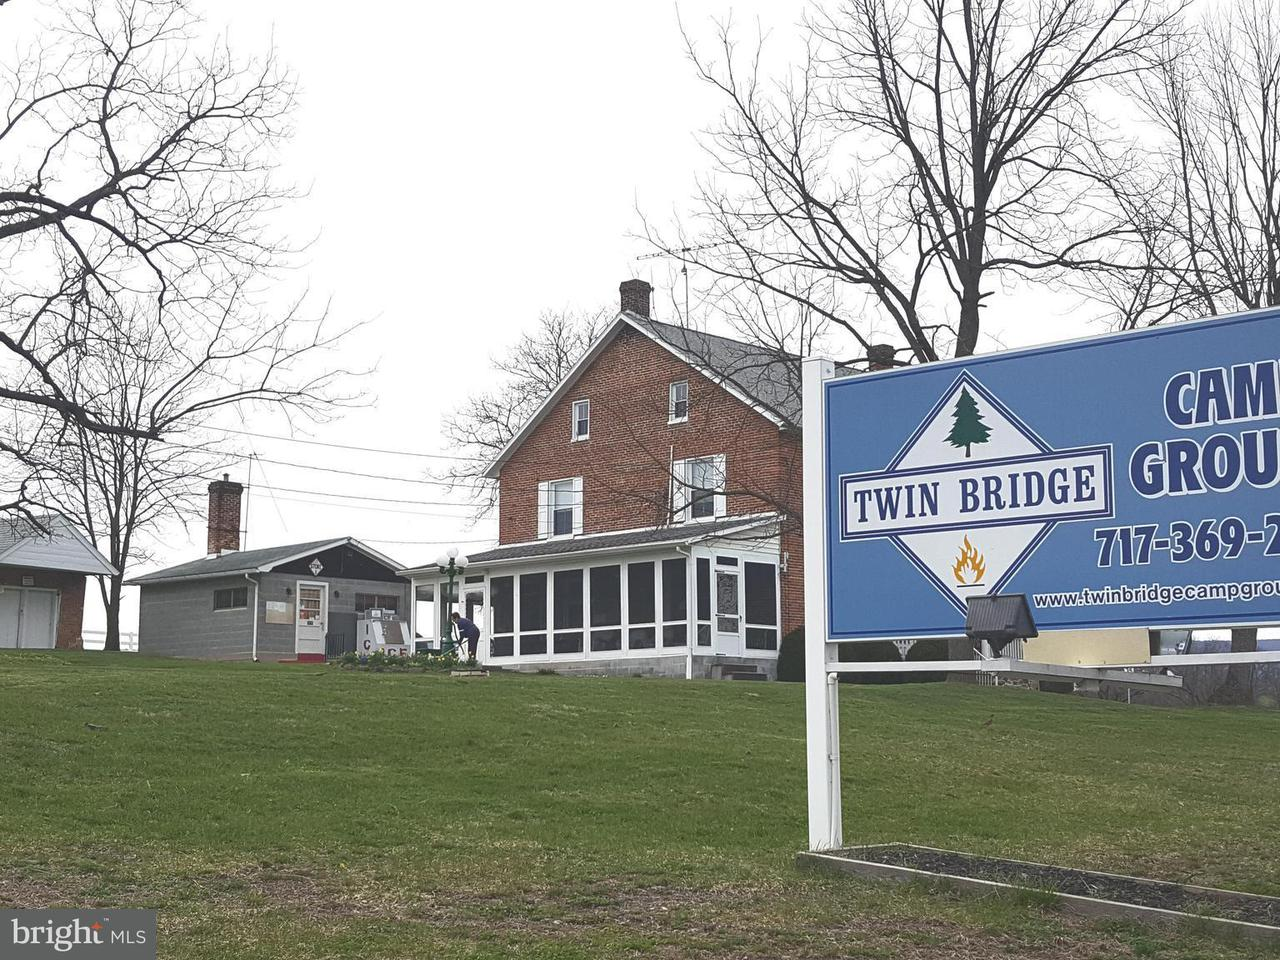 Коммерческий для того Продажа на 1345 TWIN BRIDGE Road 1345 TWIN BRIDGE Road Chambersburg, Пенсильвания 17202 Соединенные Штаты